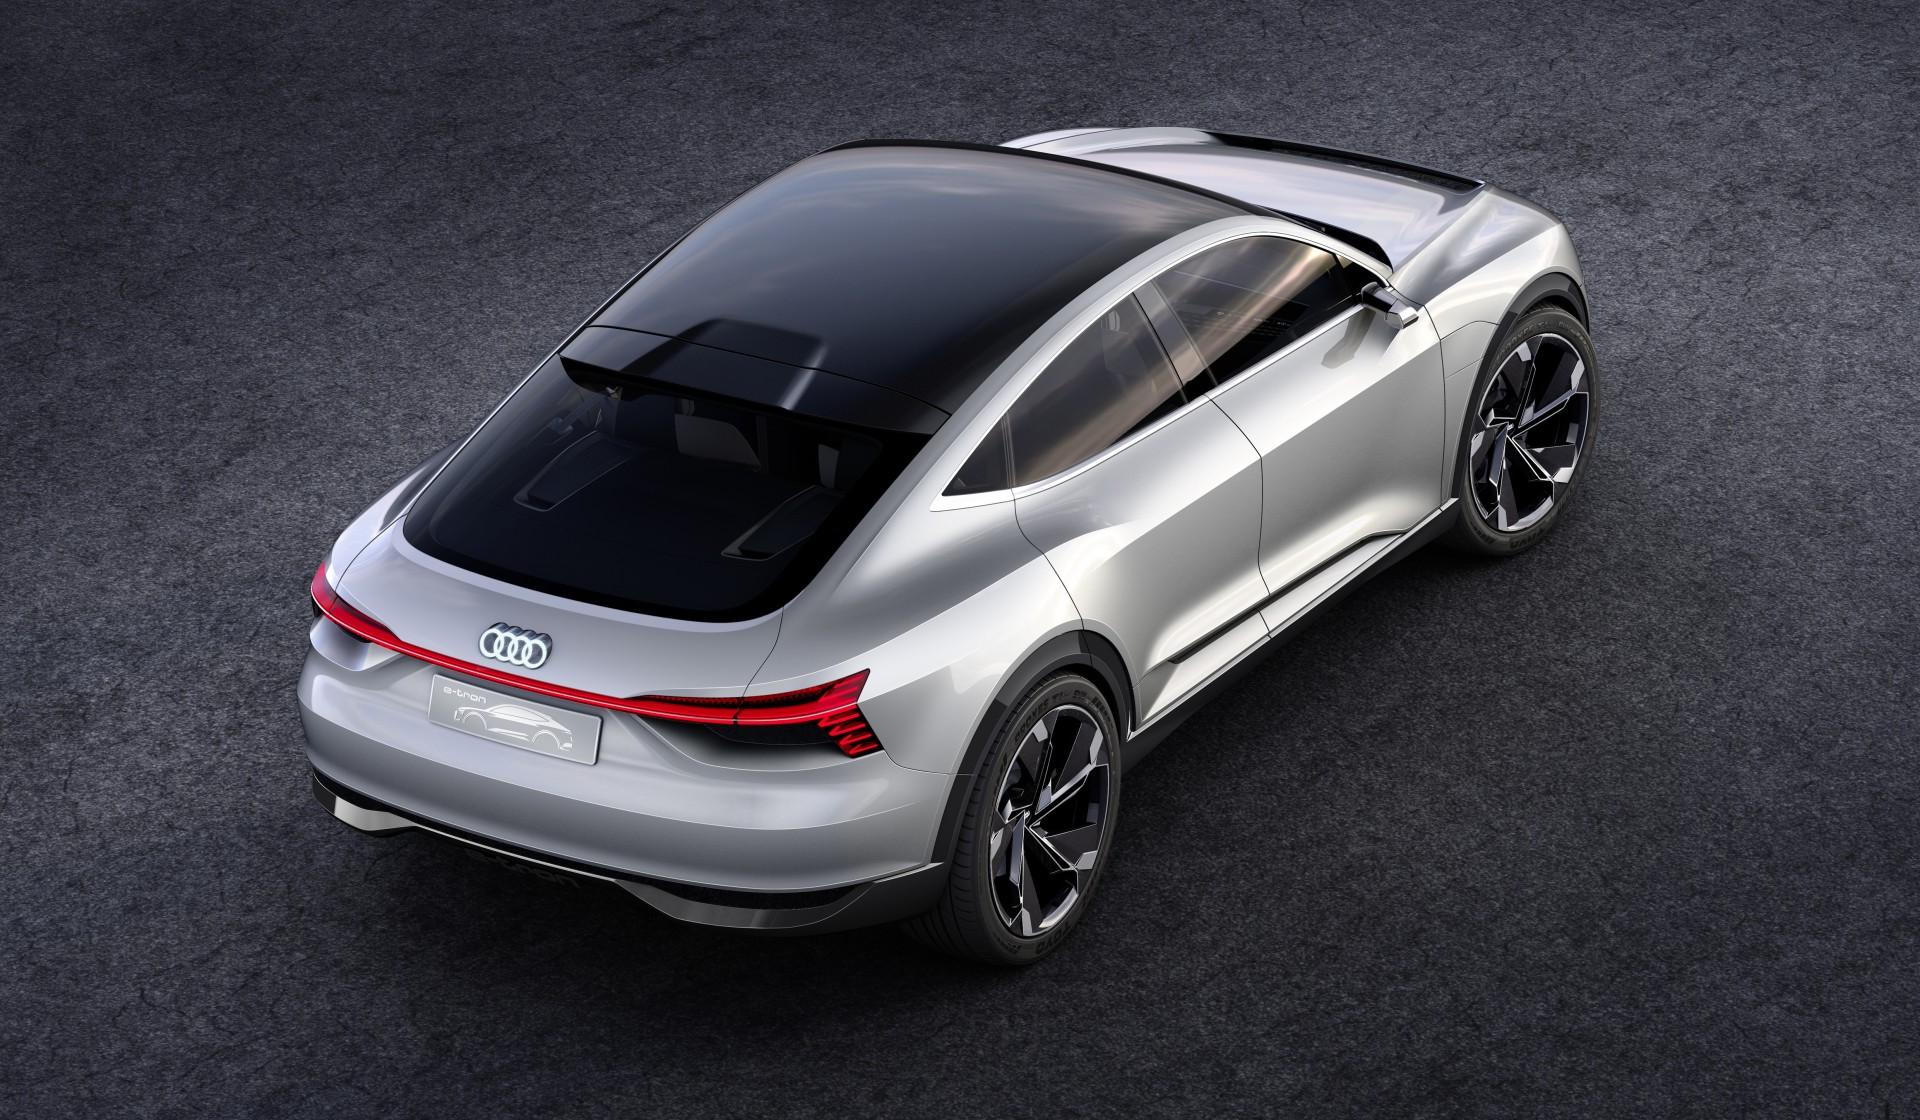 Tweede Elektrische Auto Voor Audi S Productienetwerk